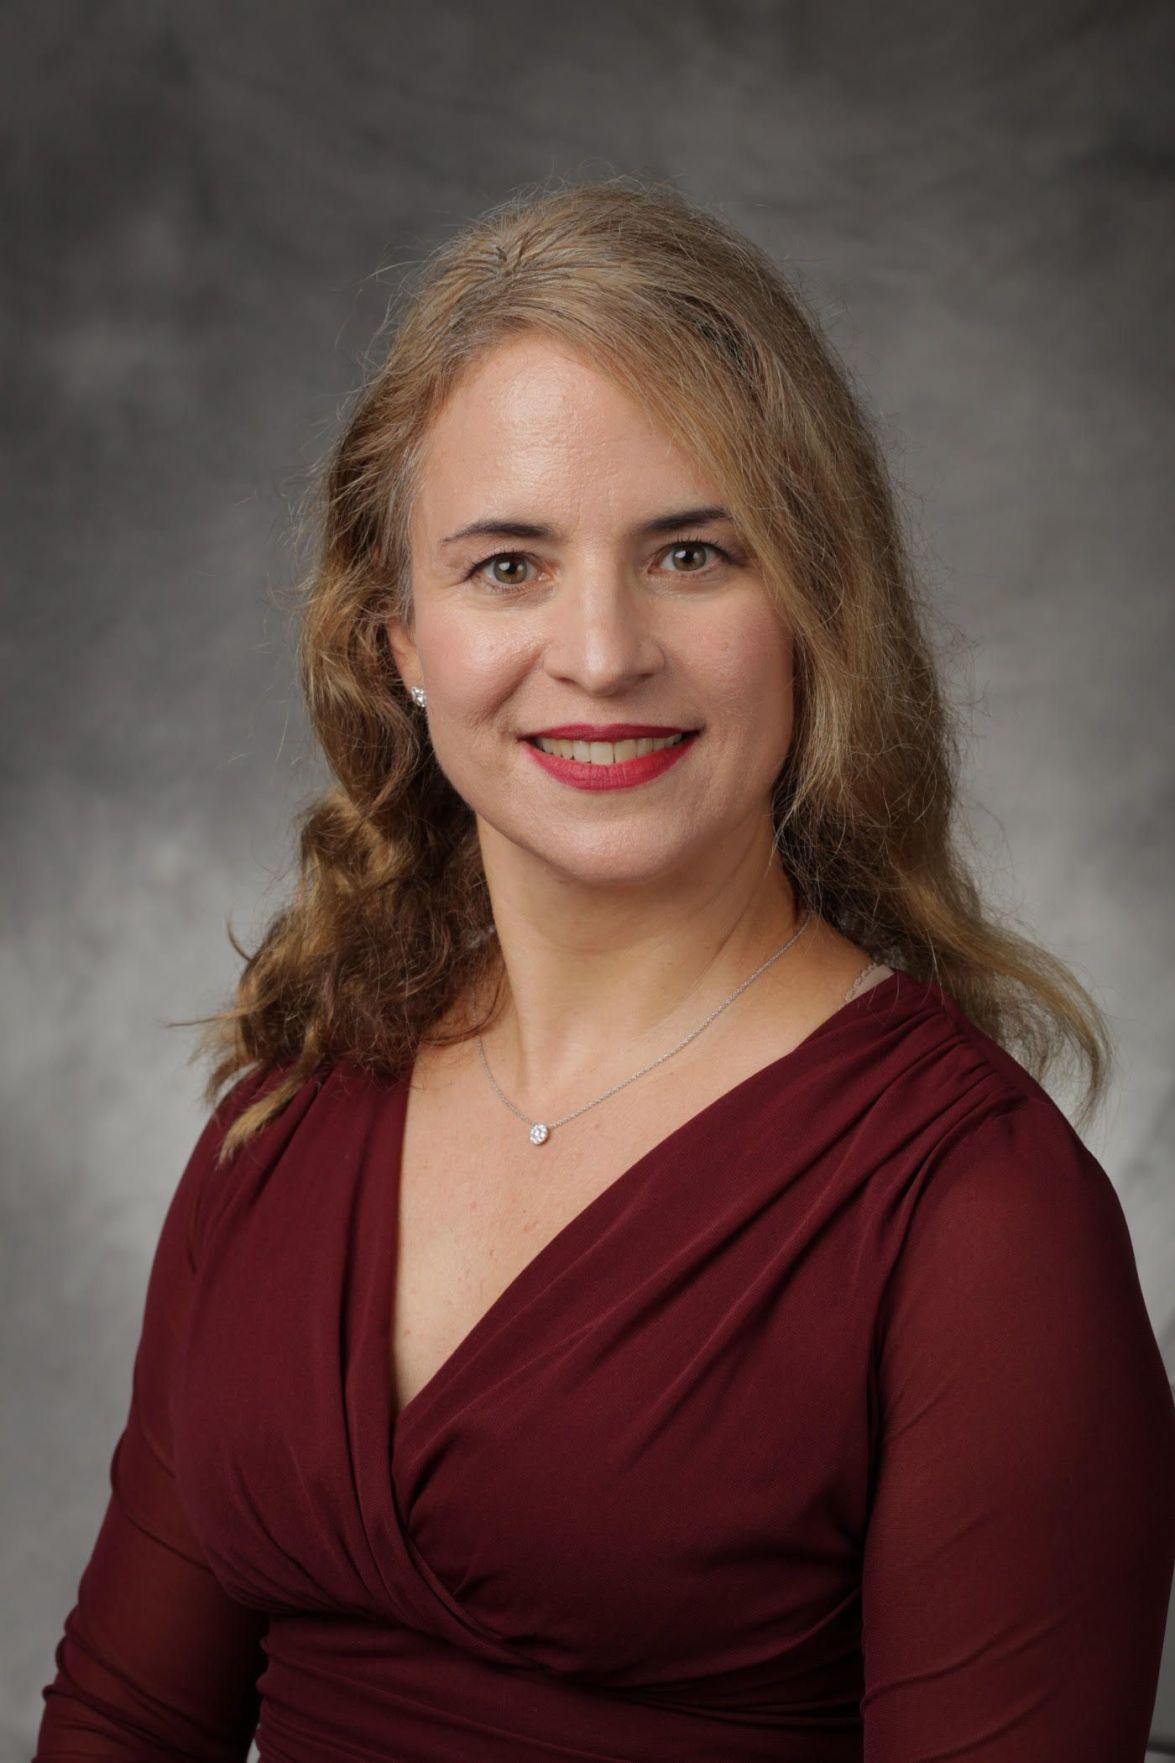 Dr. Madeline Hackney